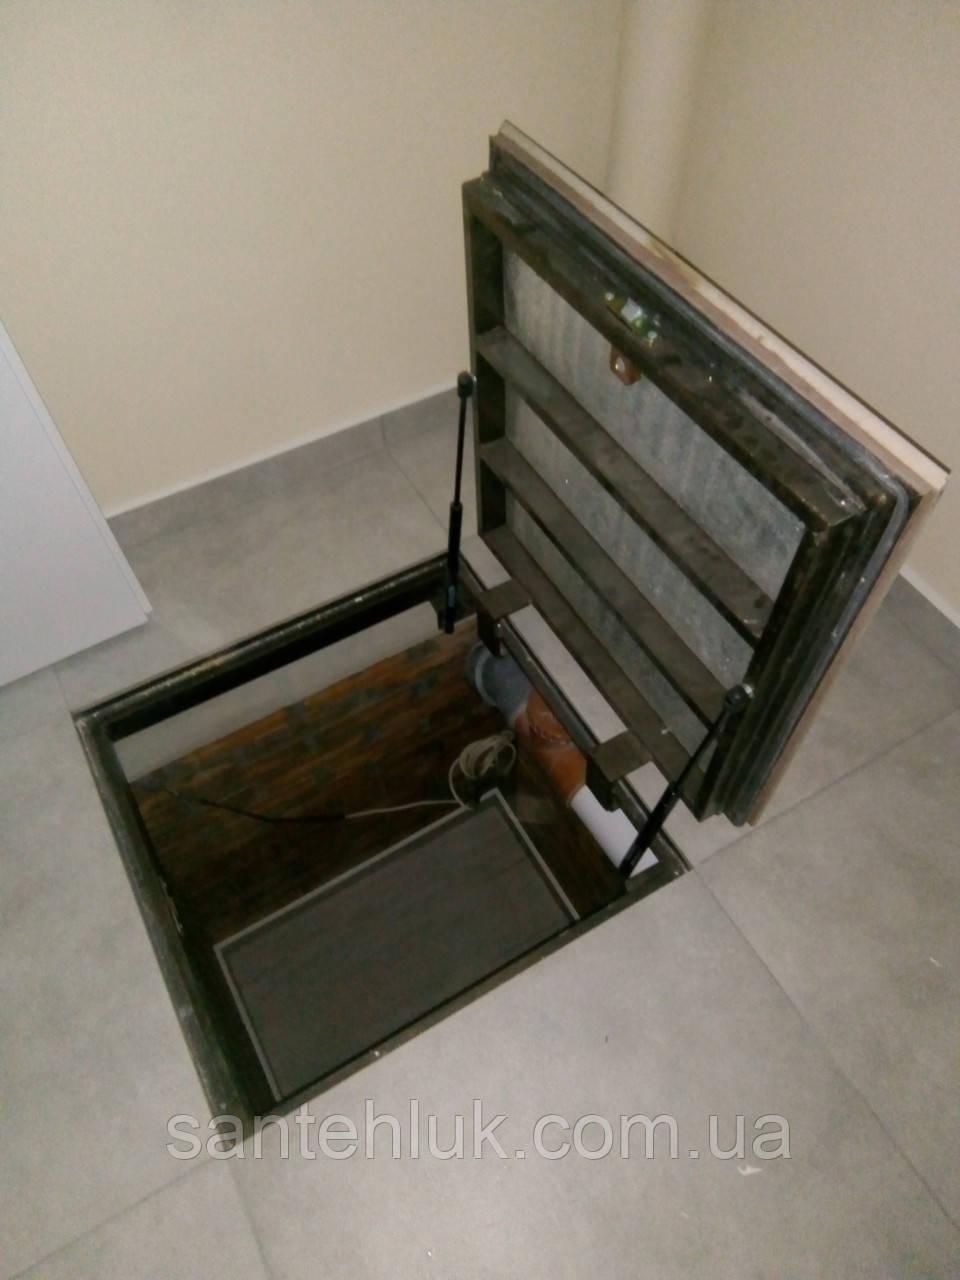 Люк в погреб герметичный 700х700 под ламинат в пол, подвал, погреб на газовых амортизаторах